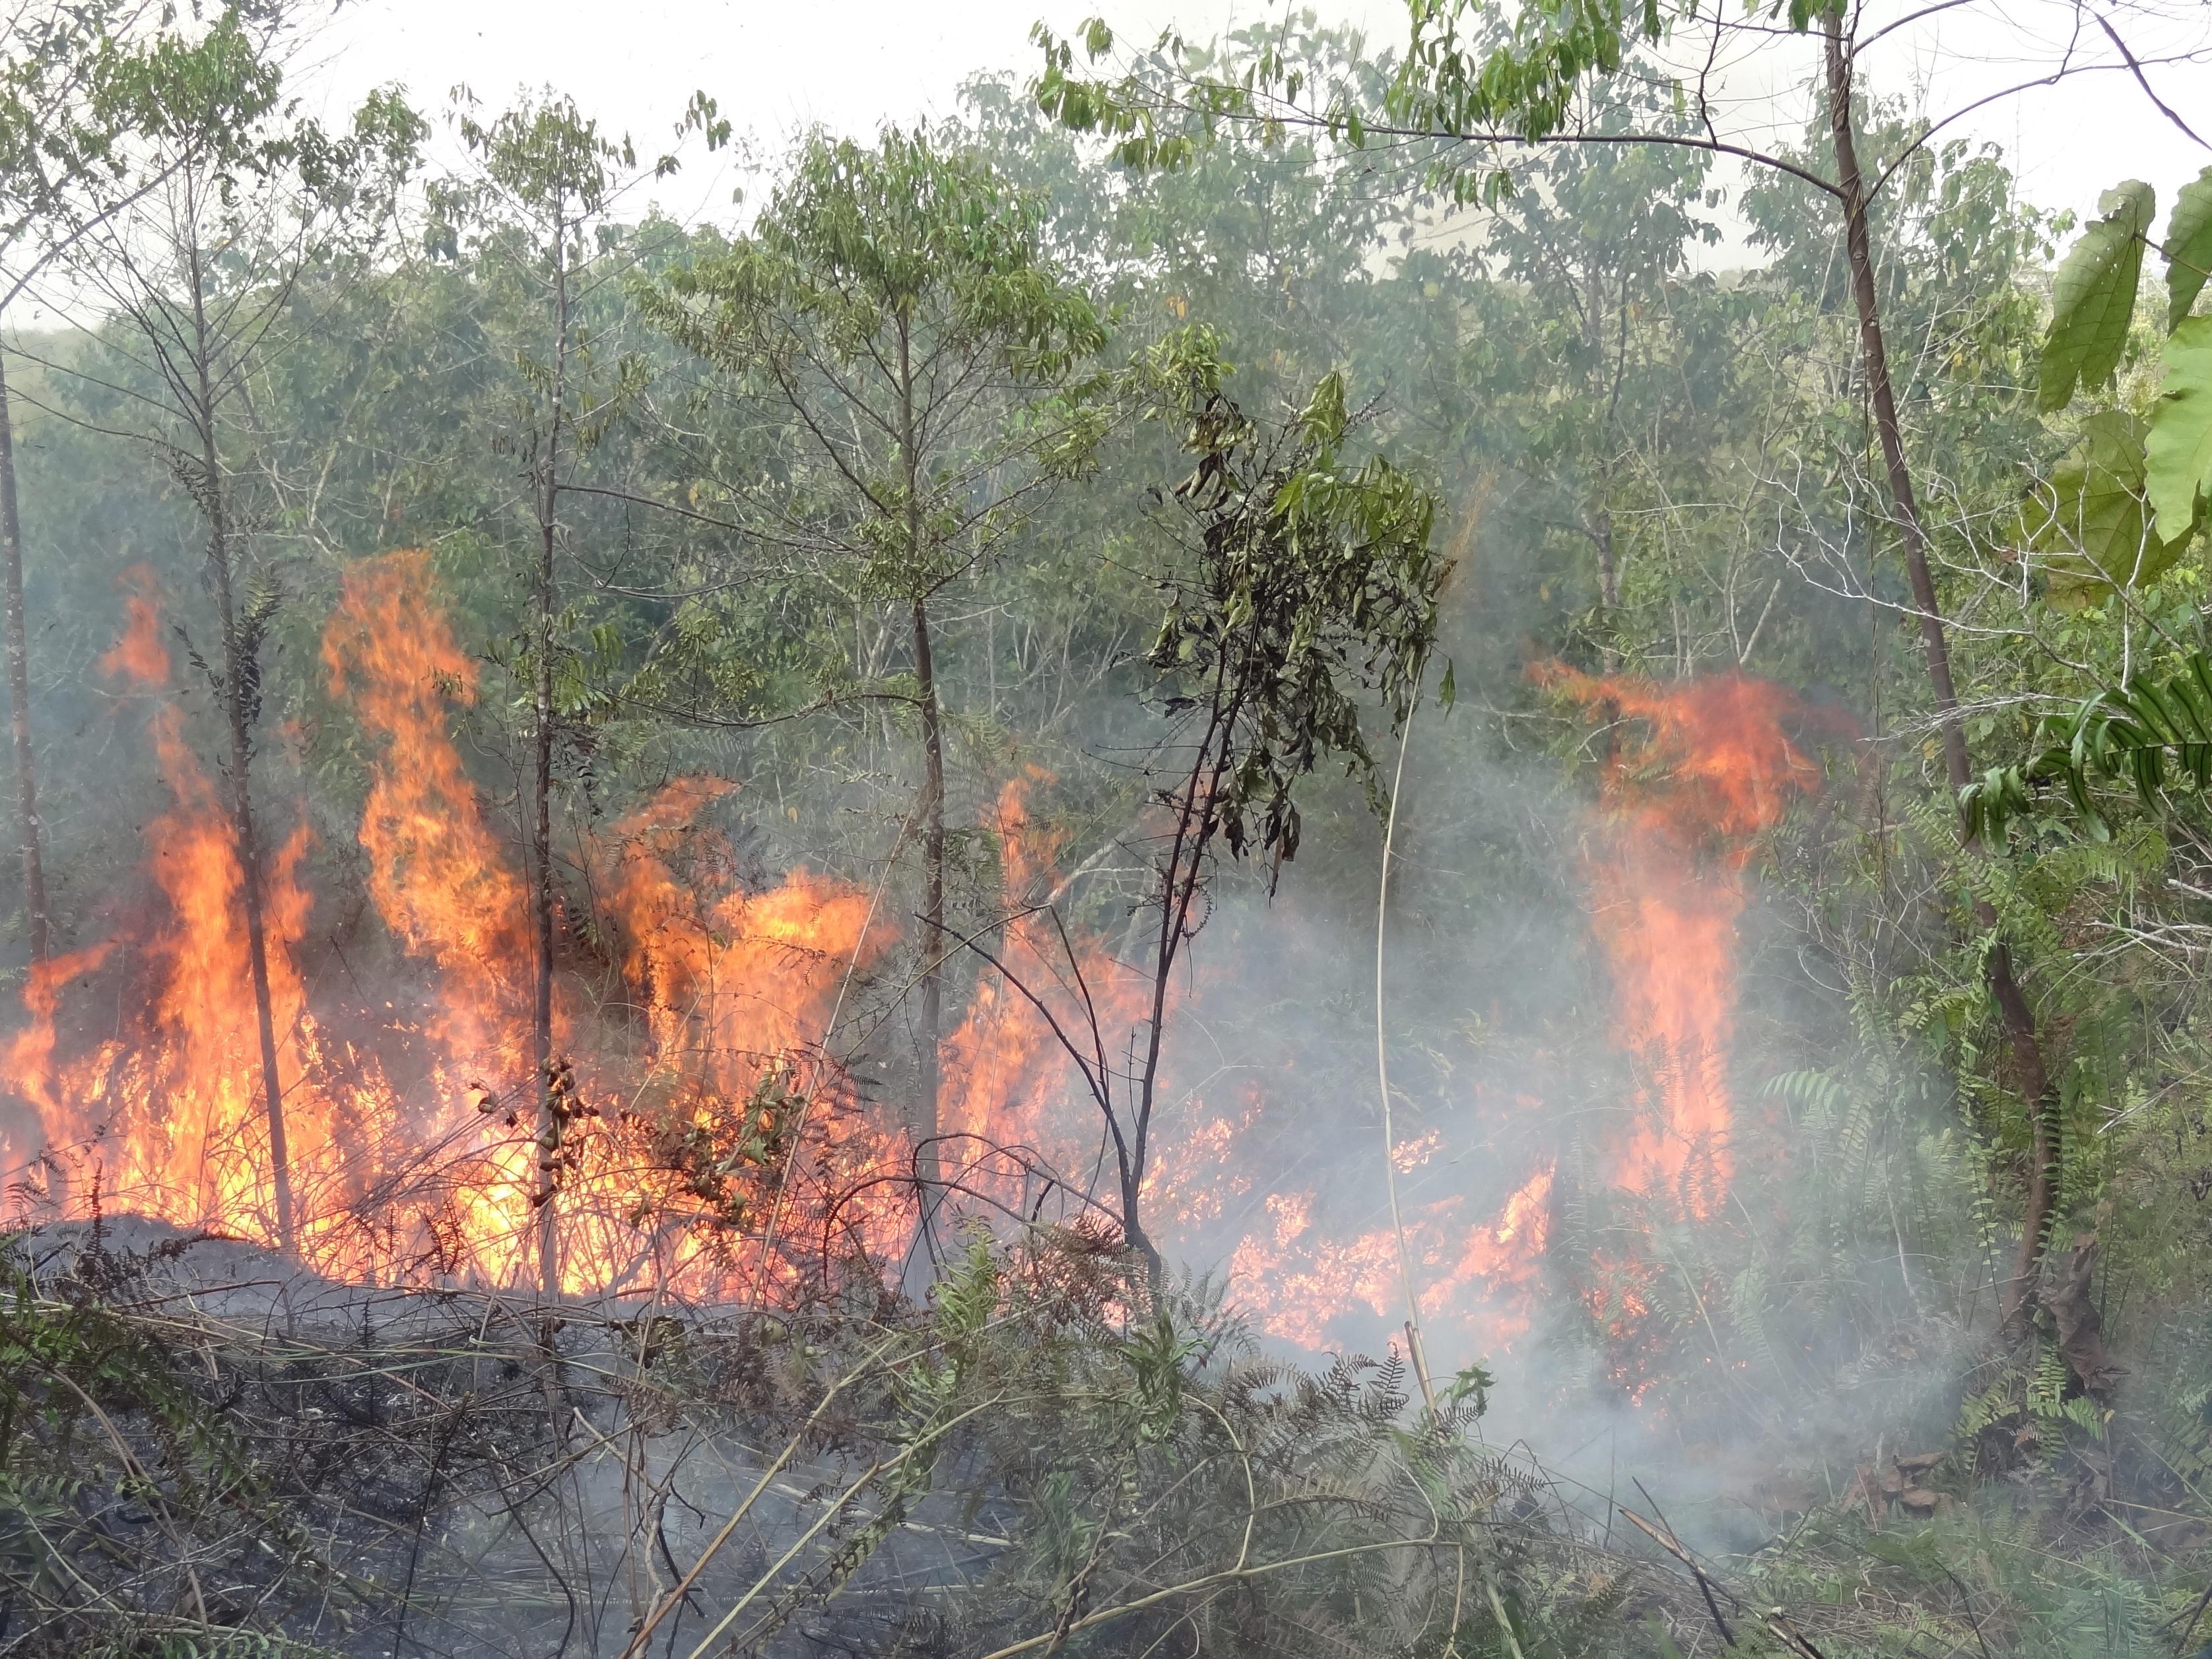 2015年にオランウータンのリハビリ施設を襲った森林火災